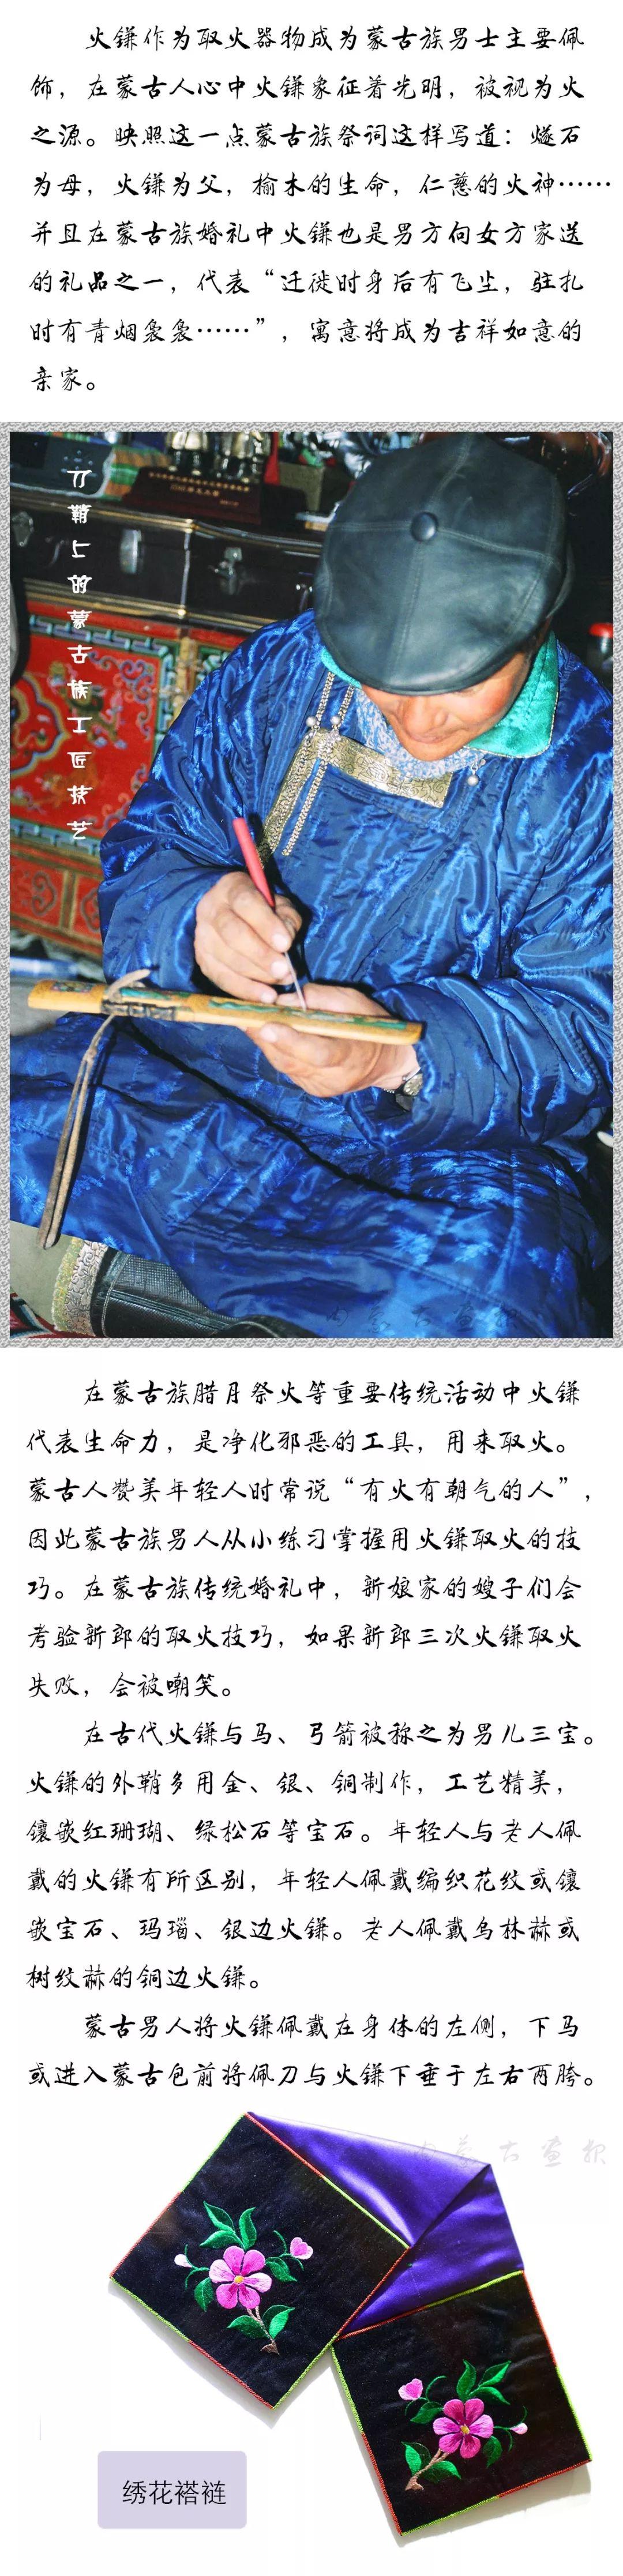 装点世界的蒙古族传统佩饰 | 男士篇 第10张 装点世界的蒙古族传统佩饰 | 男士篇 蒙古服饰